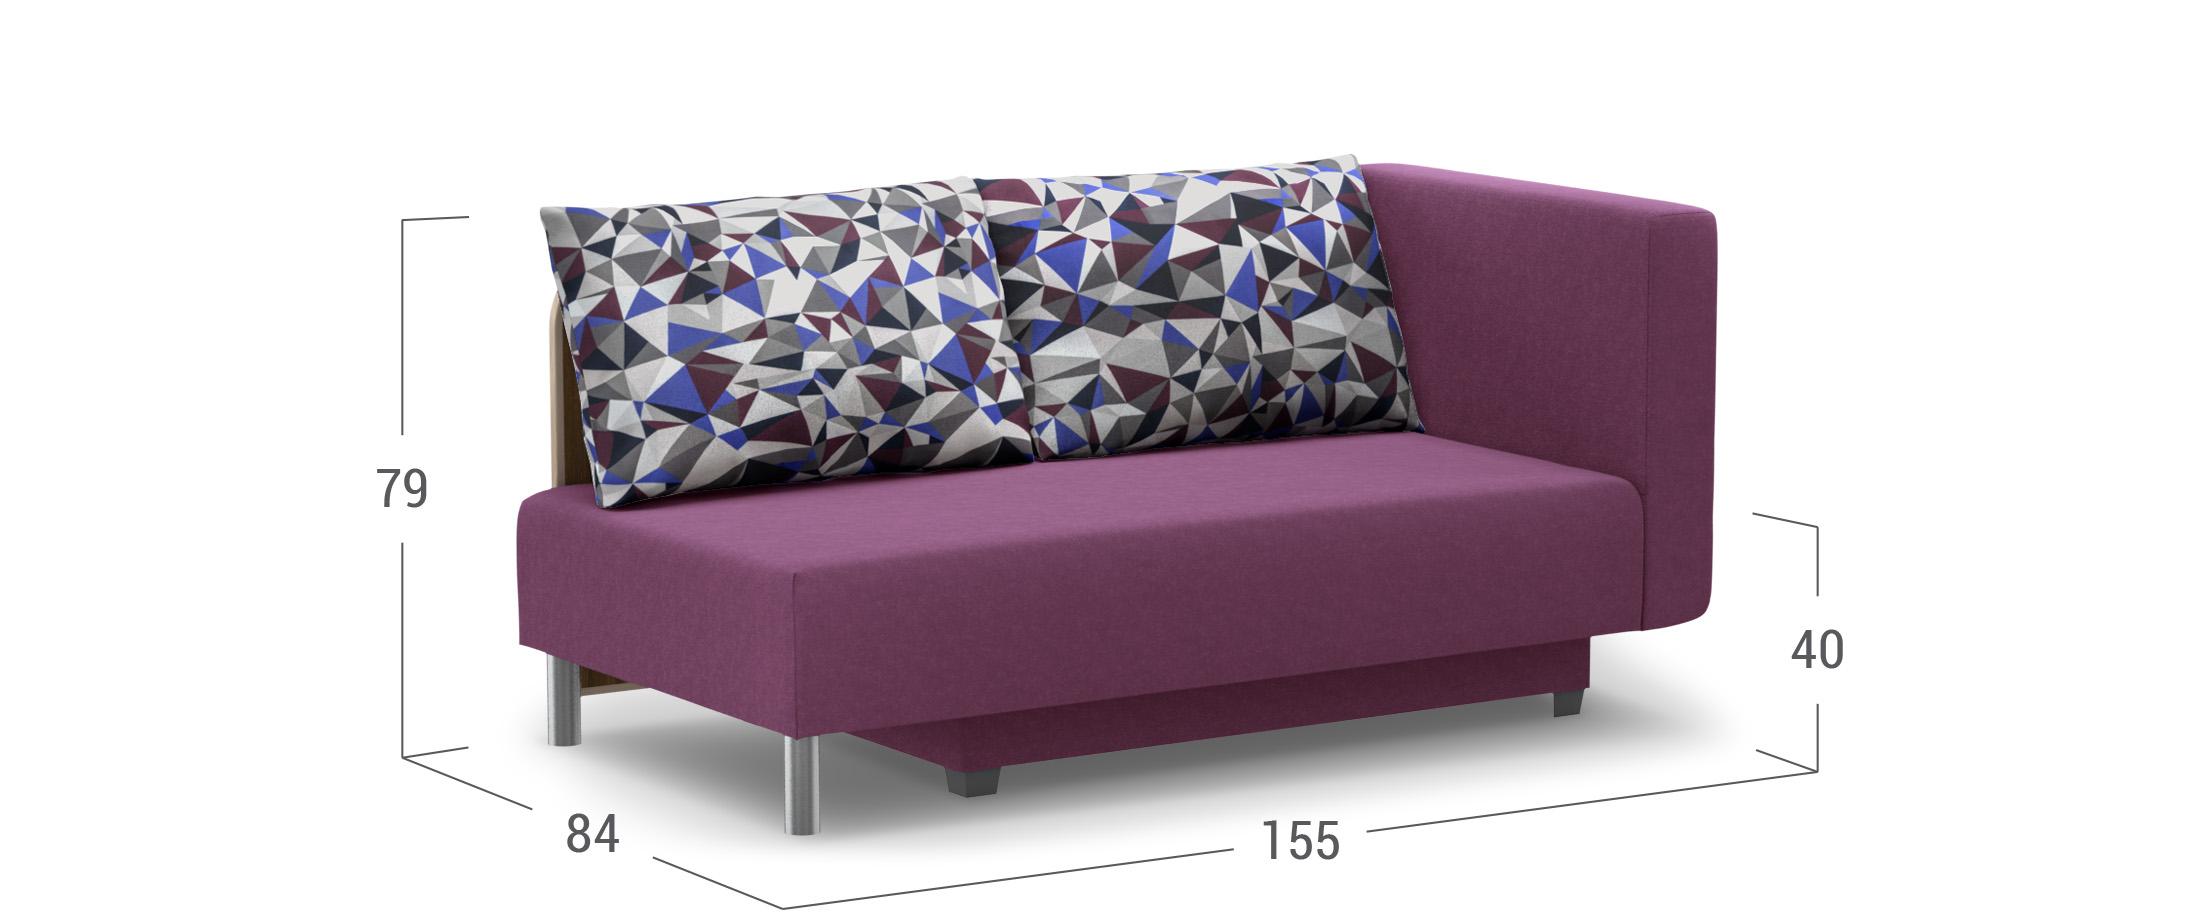 Диван прямой еврокнижка фиолетовый Лион 060 правый подлокотник - купить во Владивостоке в интернет-магазине MOON-TRADE.RU 002833